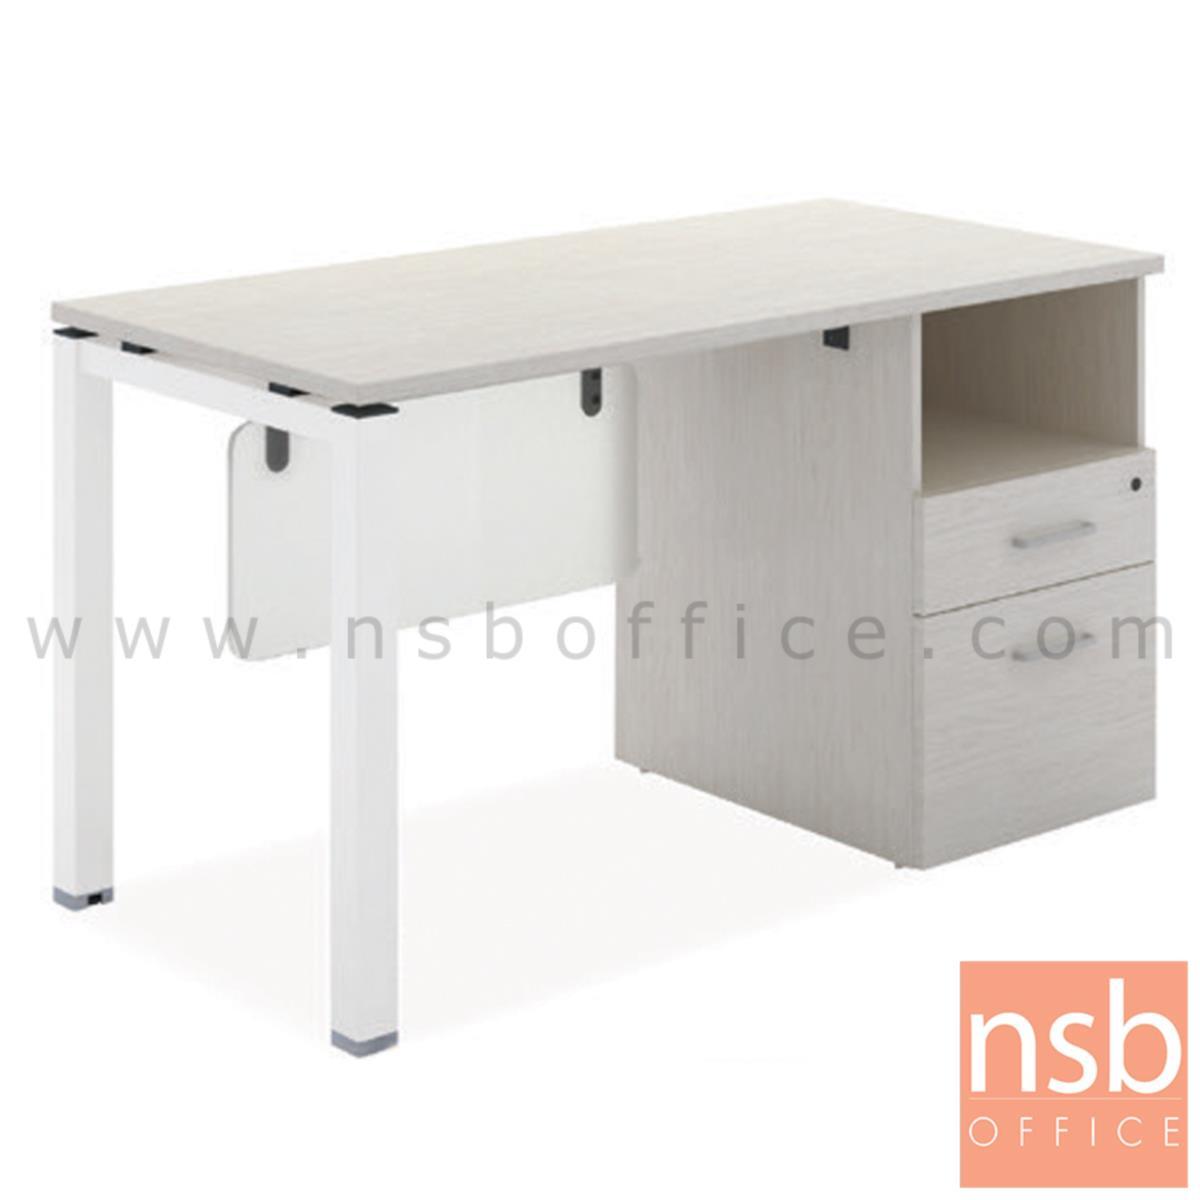 A10A099:โต๊ะทำงาน 2 ลิ้นชัก  รุ่น Minnesota (มินนิโซตา) ขนาด 120W cm. ขาเหล็ก